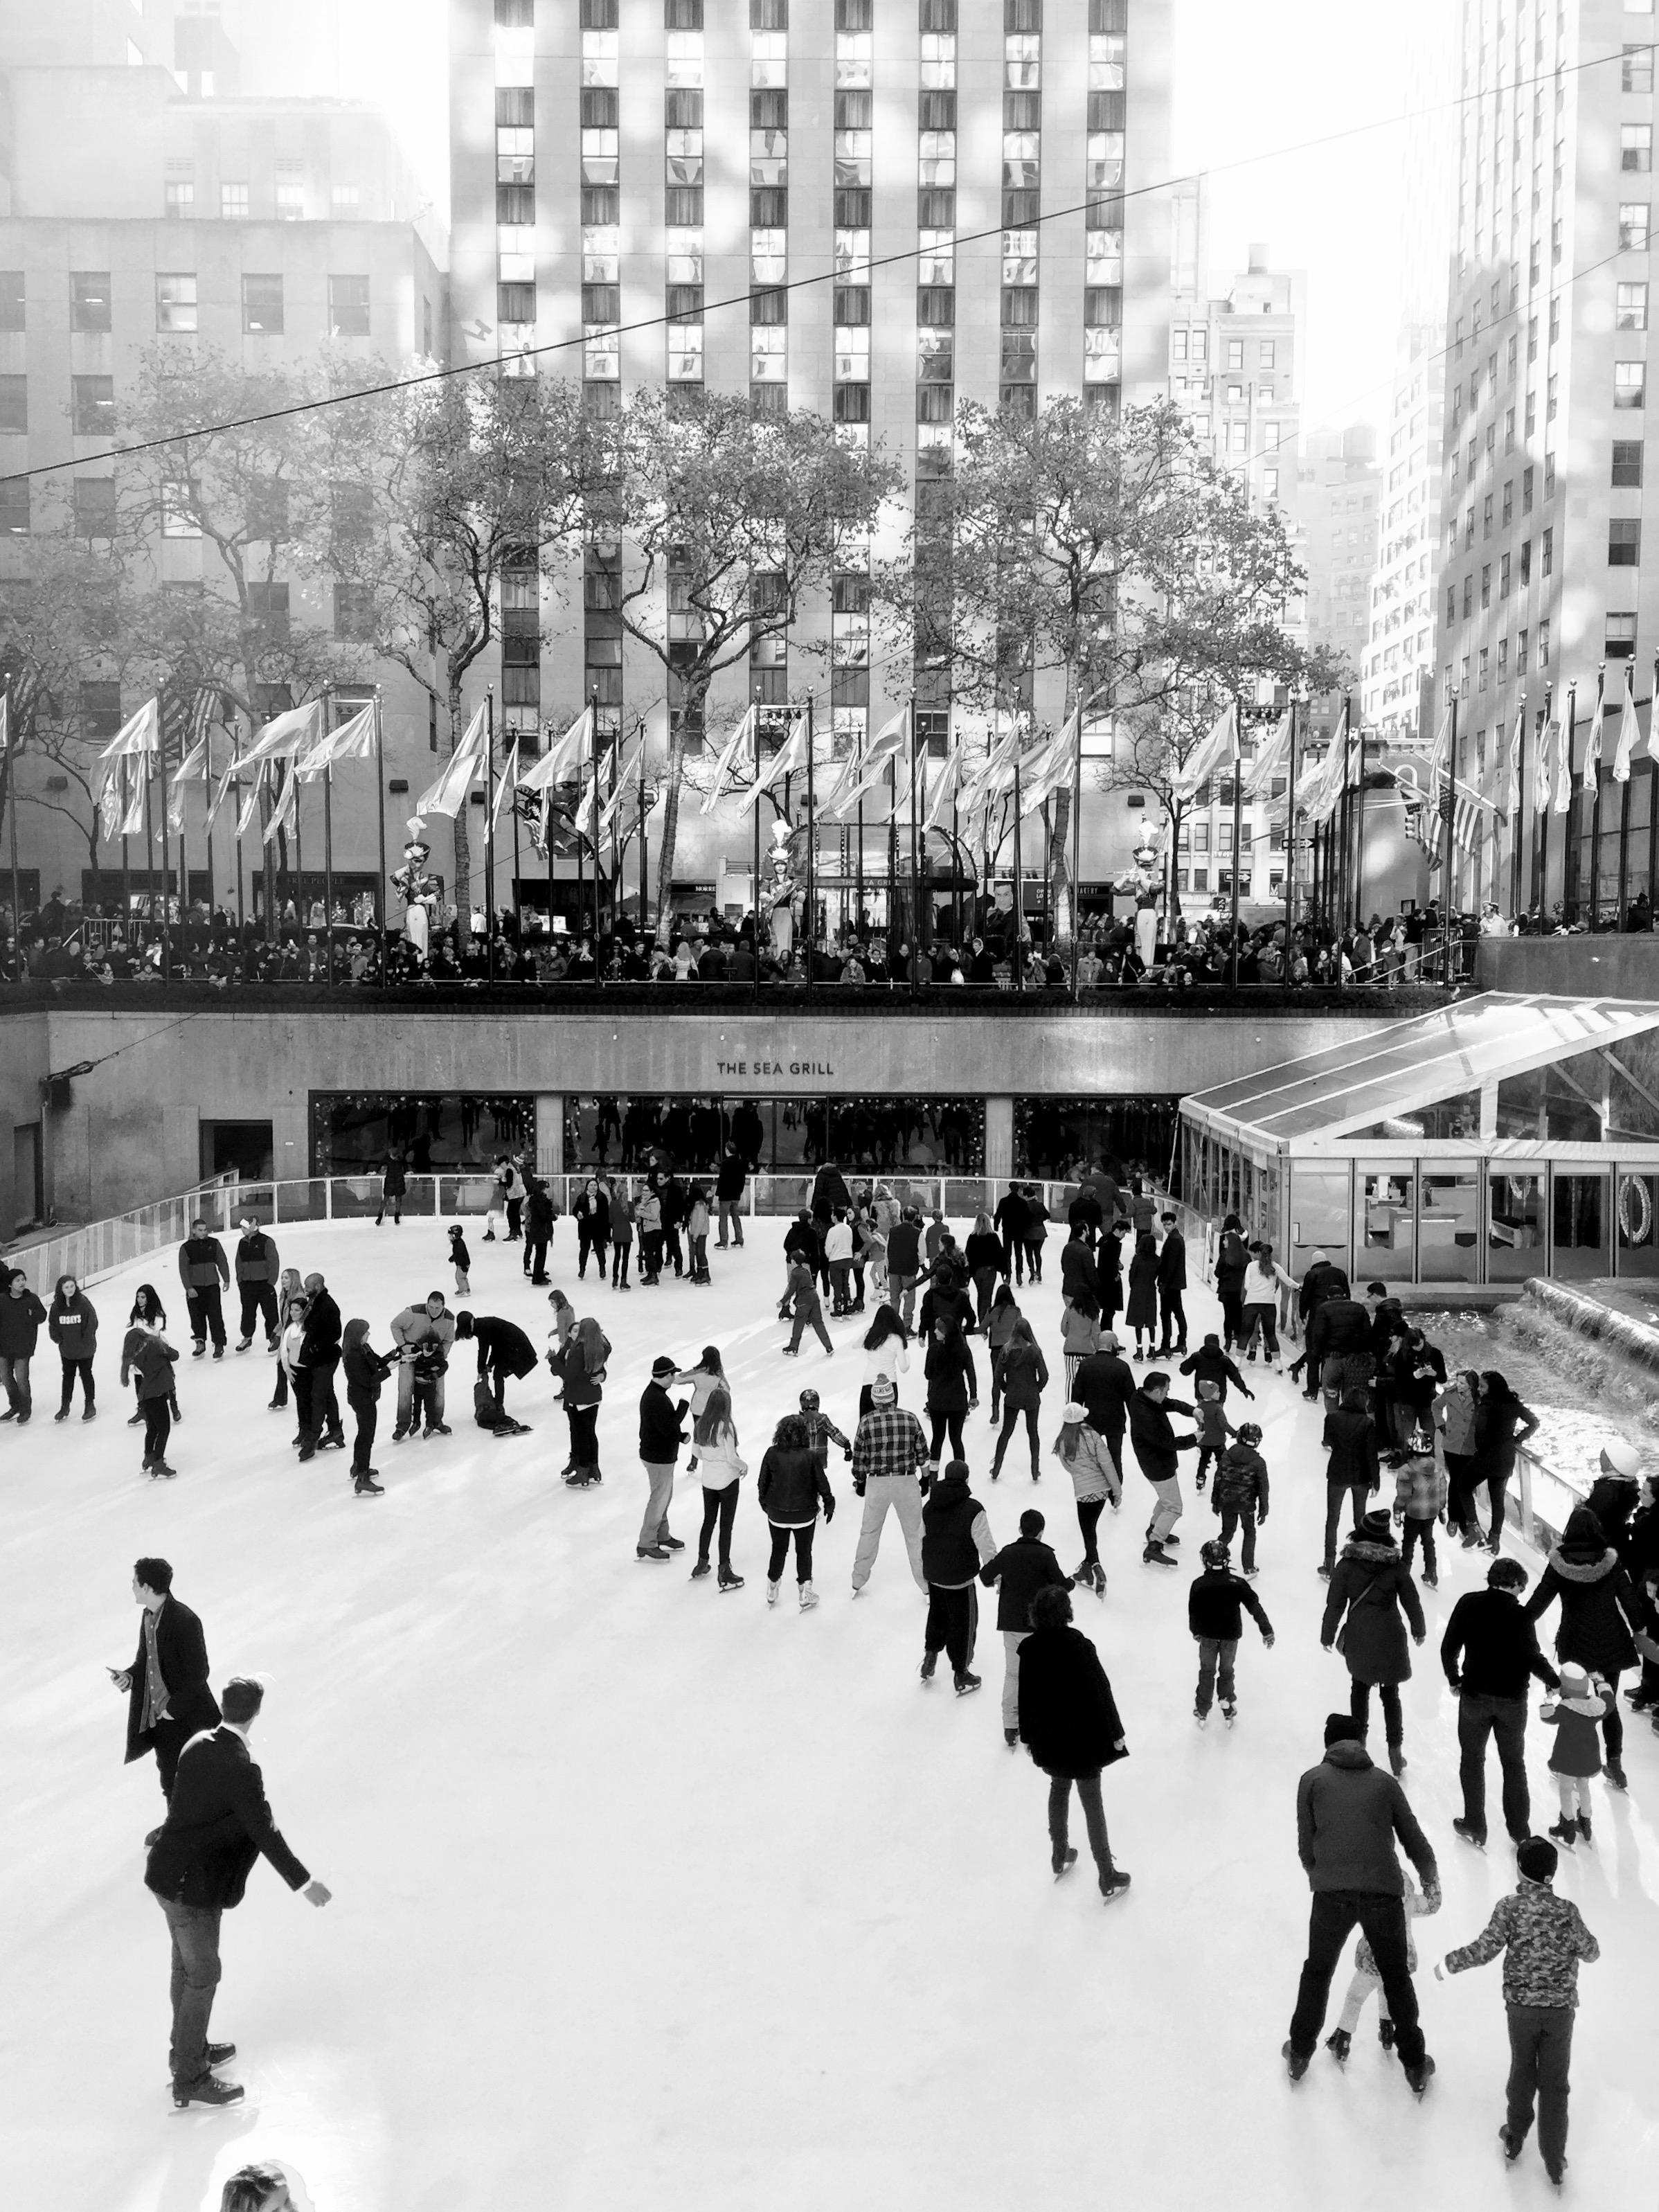 A classic winter scene in New York, skating in Rockefeller Center